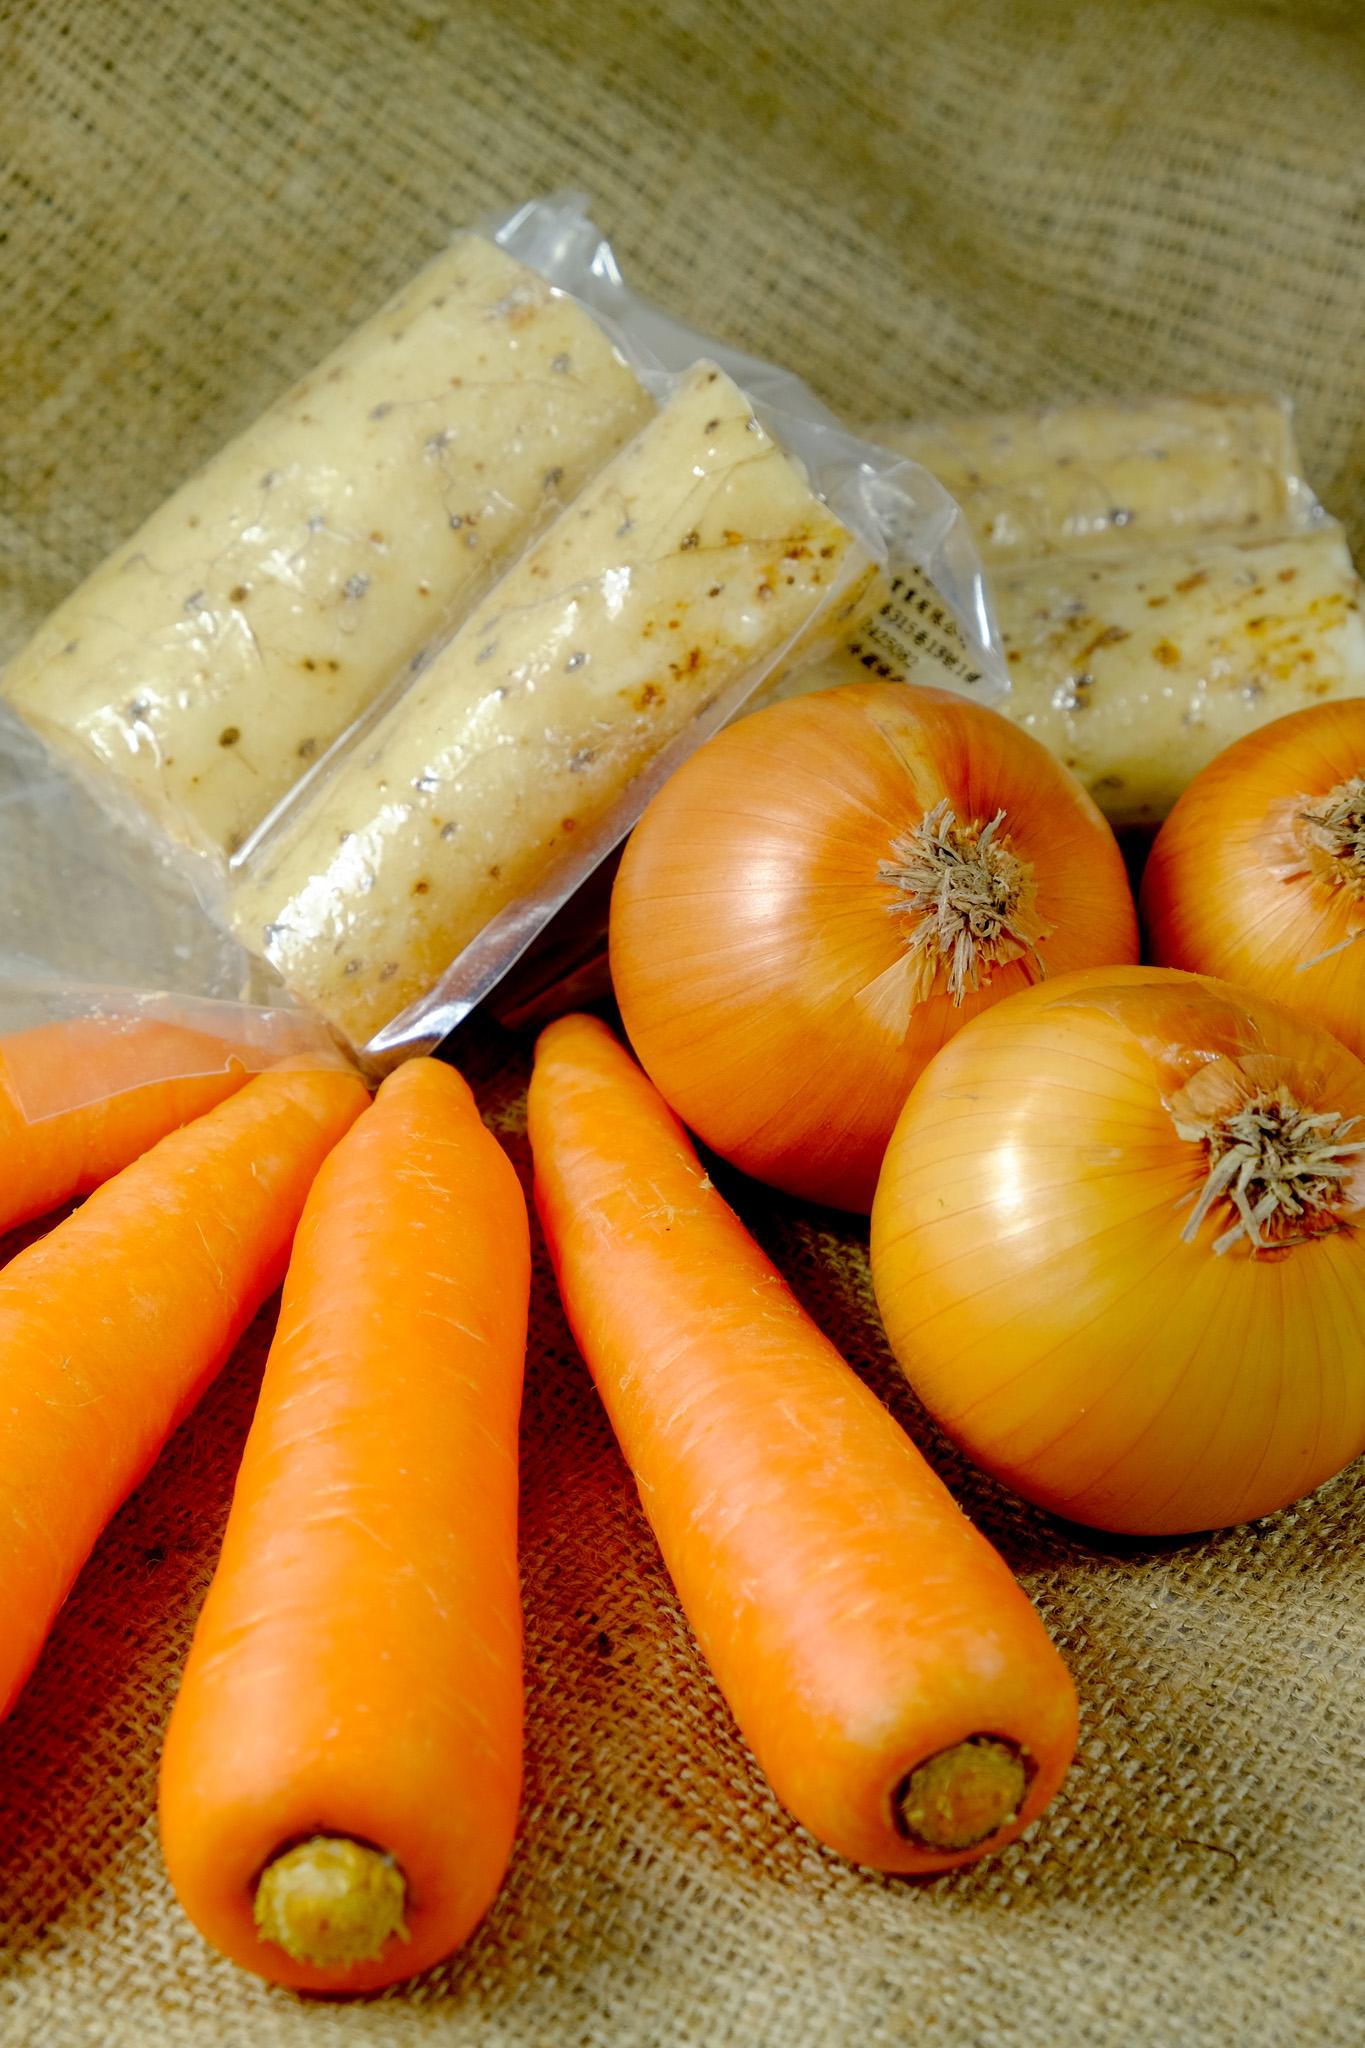 【旬果屋】日本產 綜合地下寶箱(紅蘿蔔、山藥、洋蔥)